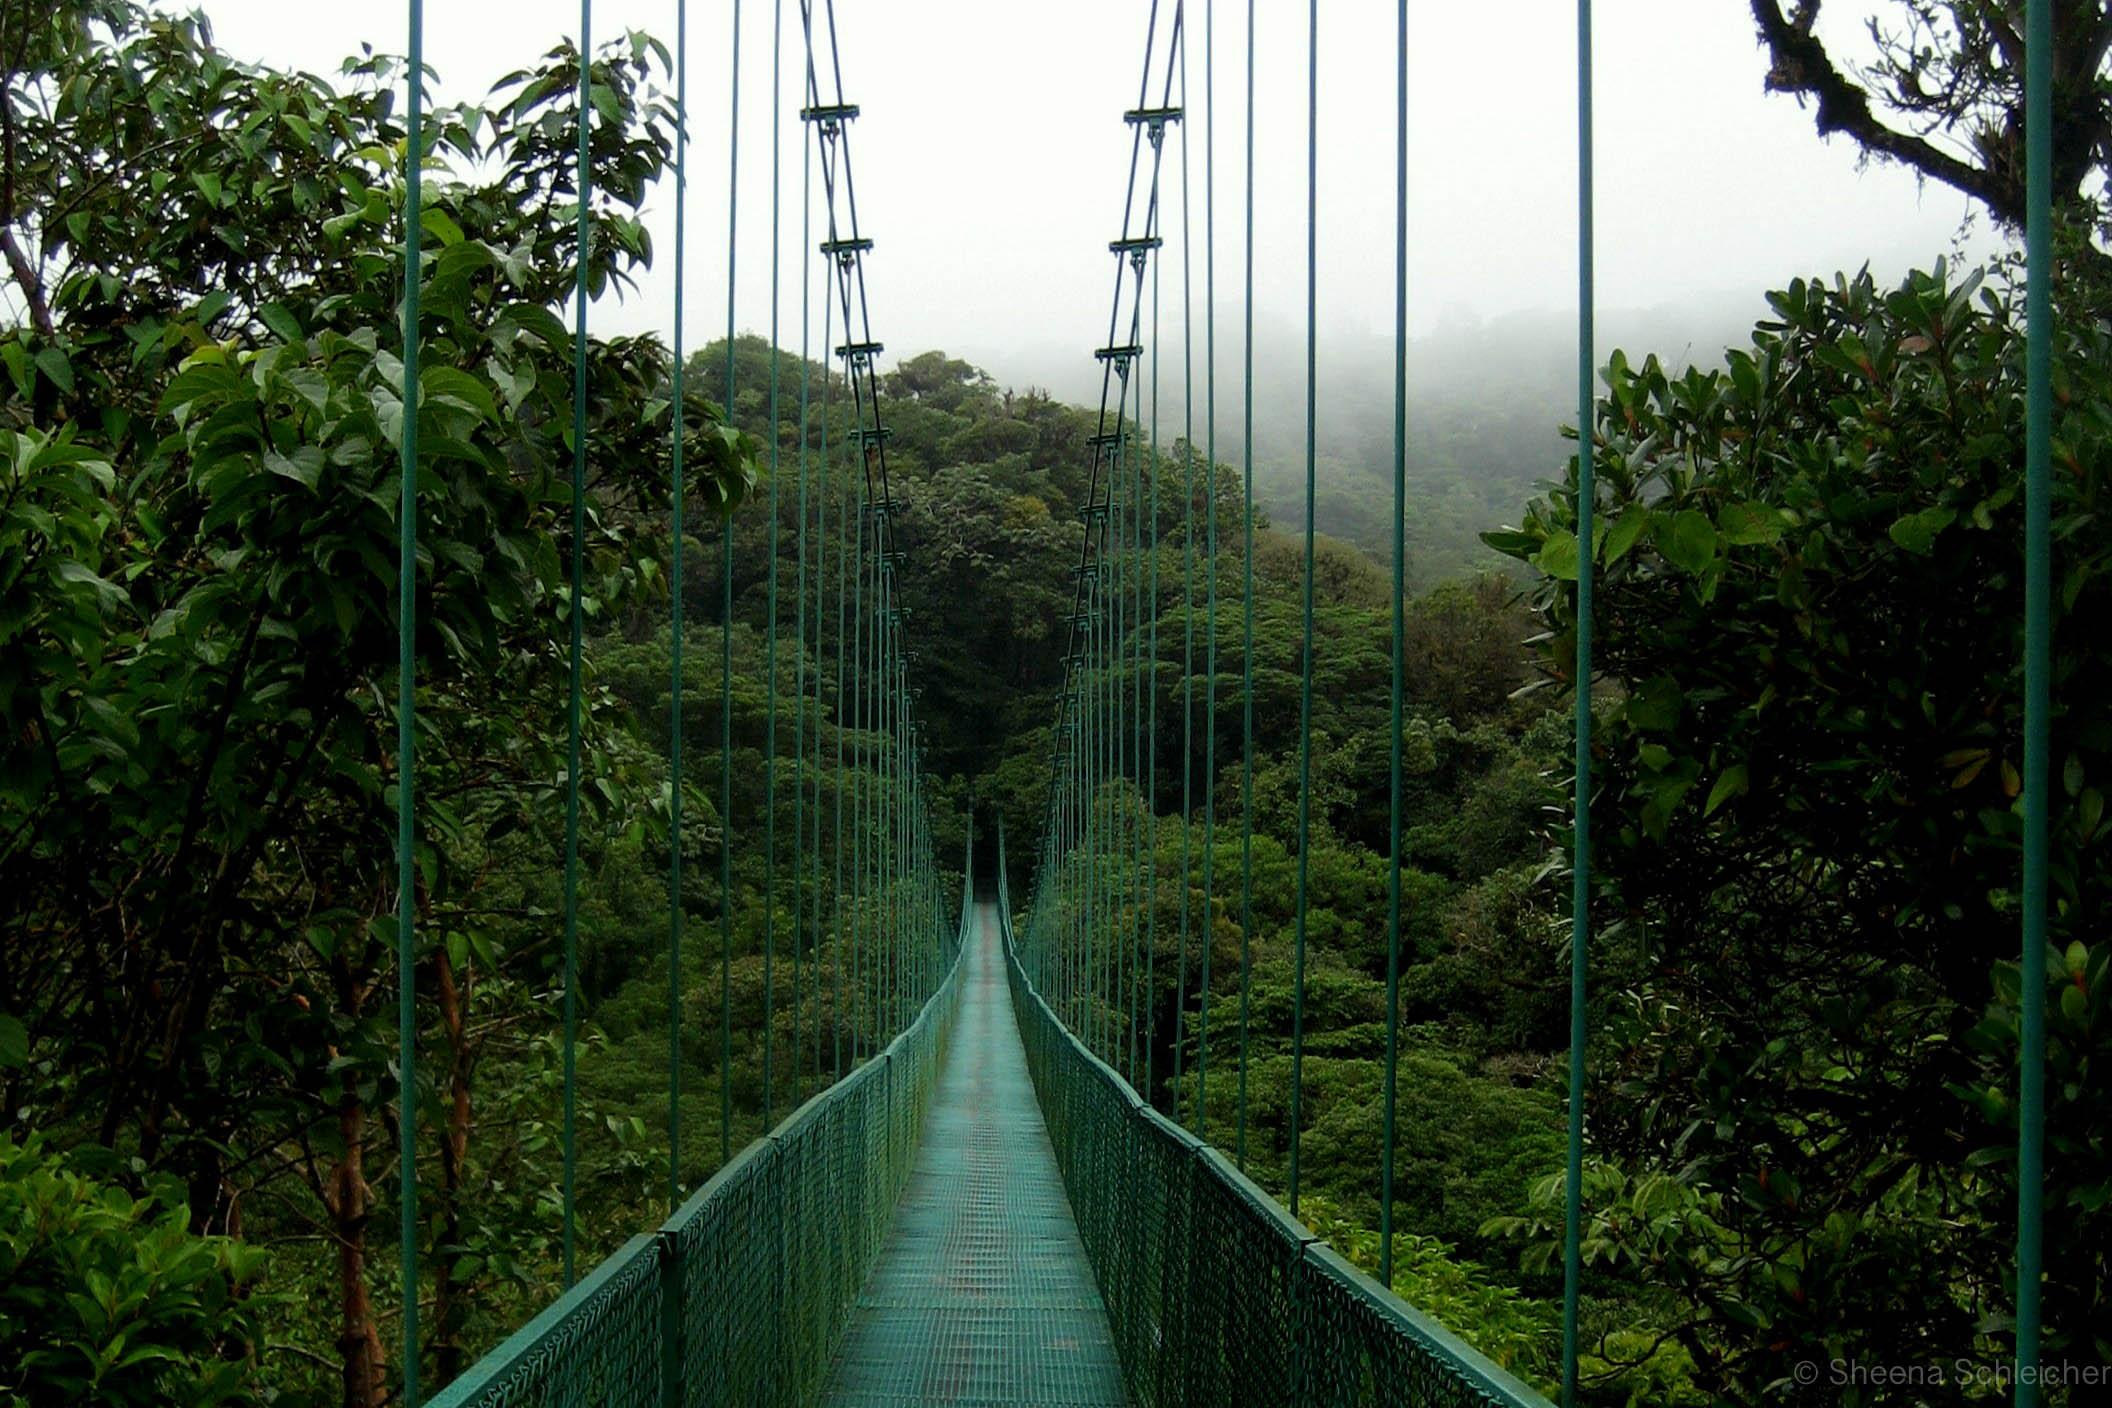 costa-rica-cloud-forest-bridge.jpg